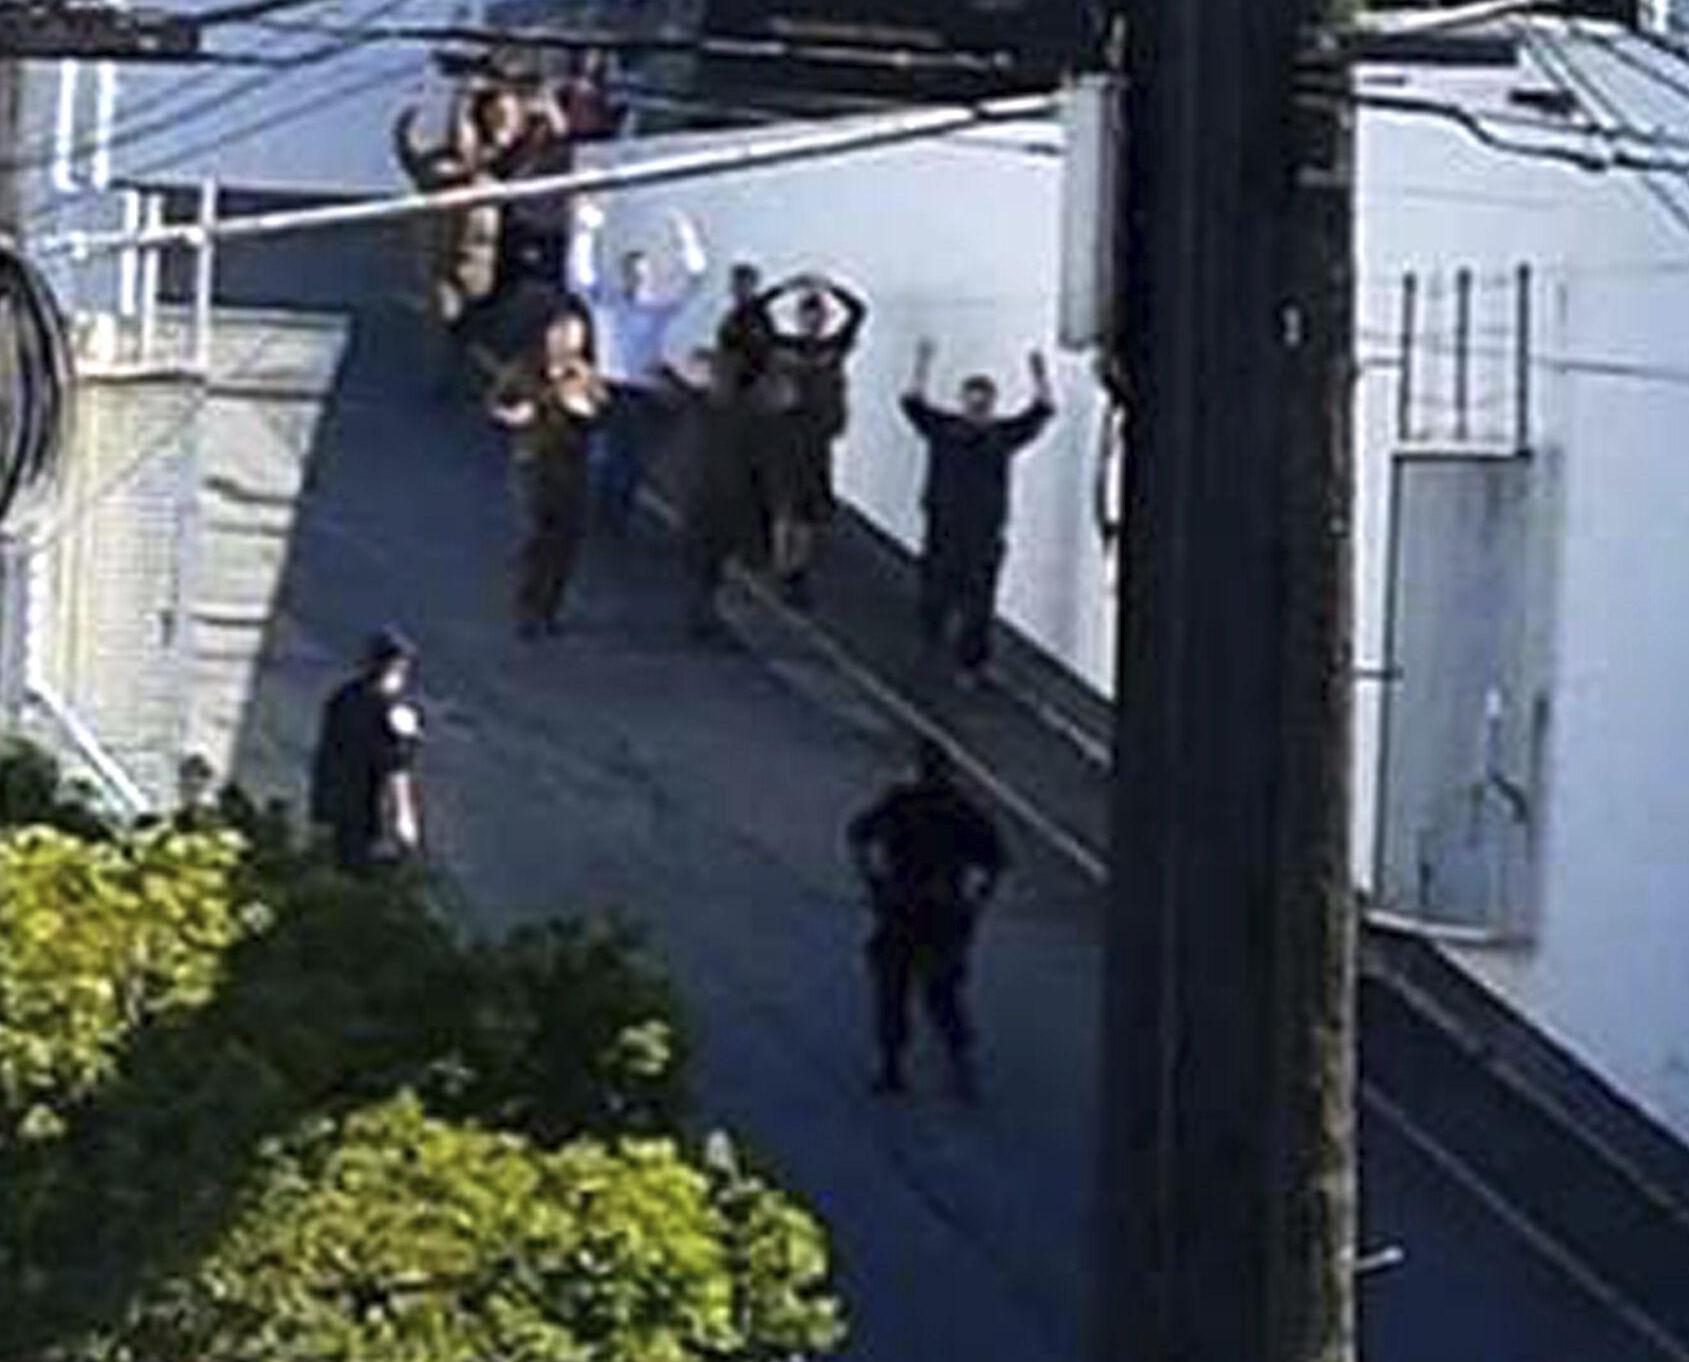 槍手襲擊同事後自殺